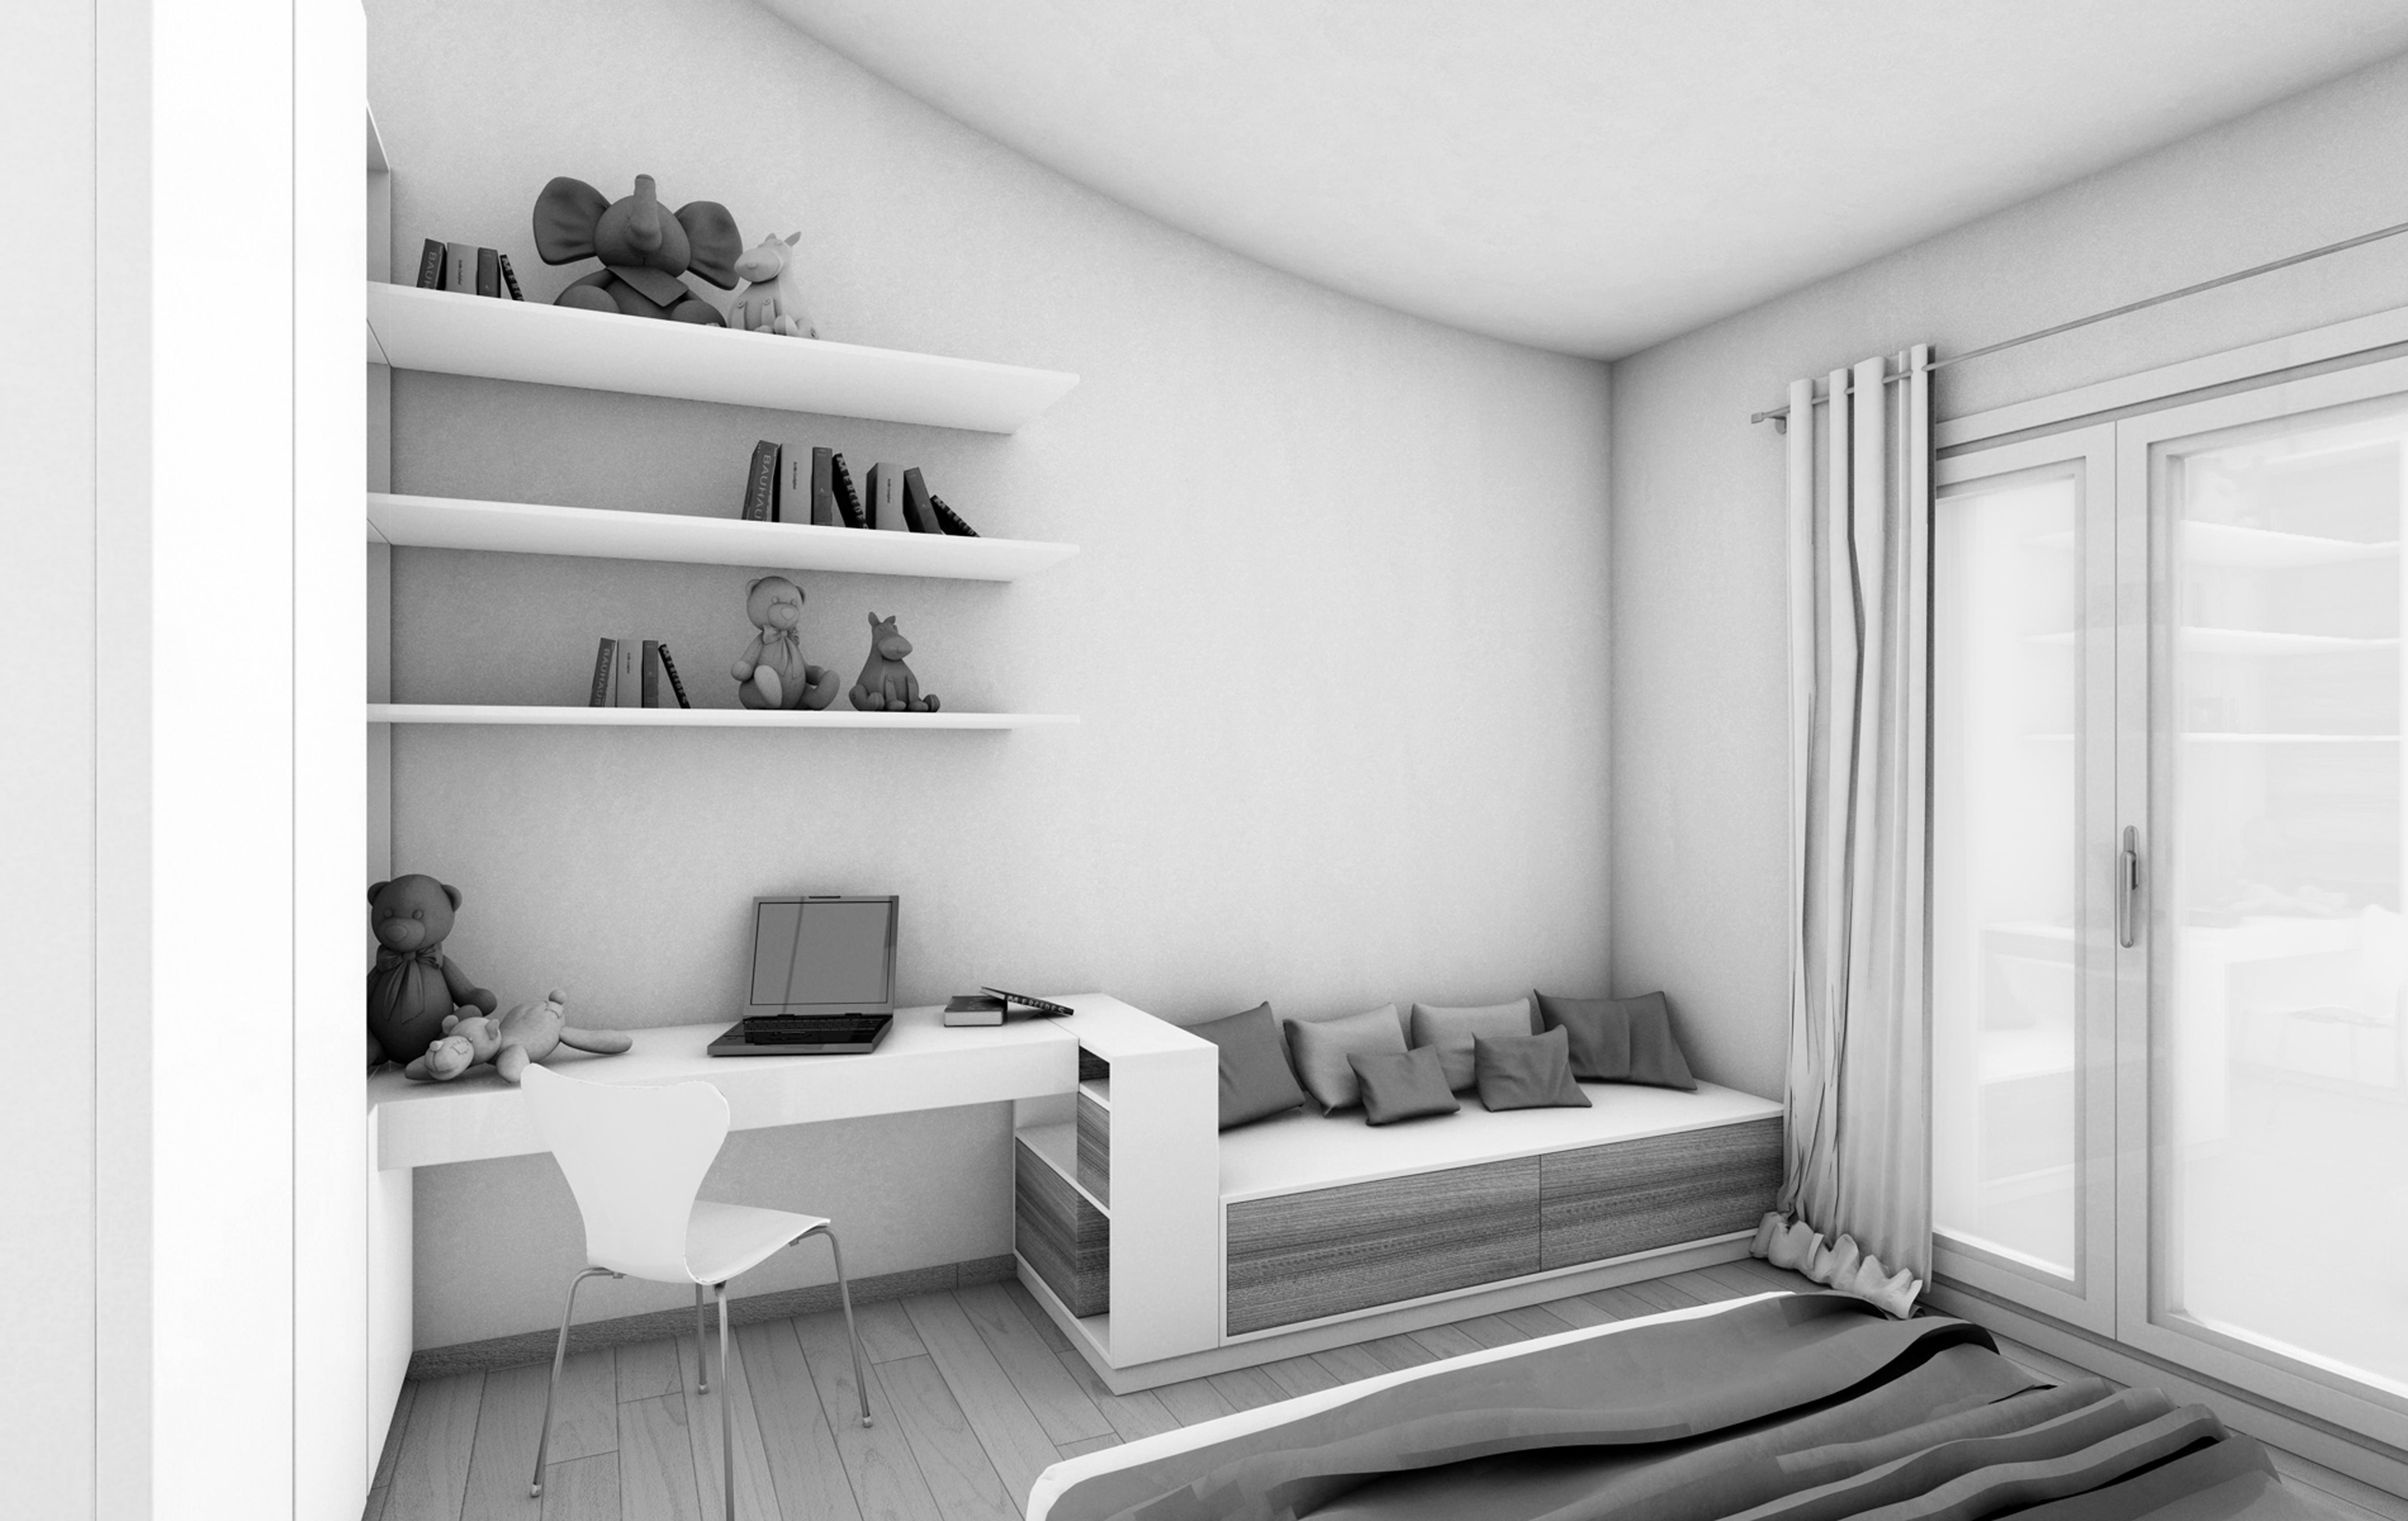 Scrivania design moderno per arredare un ufficio in stile - Scrittoio moderno design ...